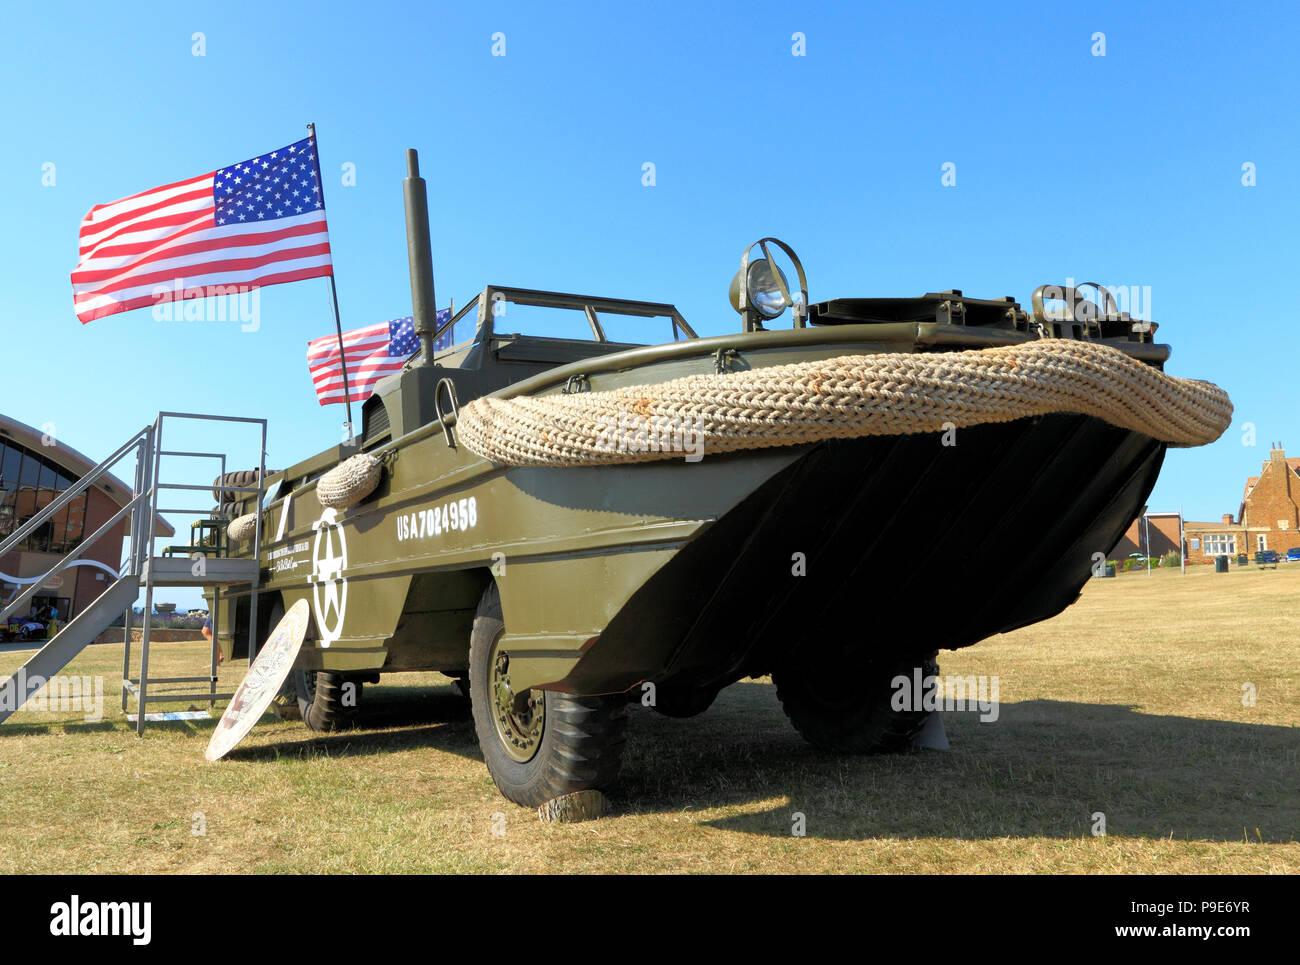 Segunda Guerra Mundial, Estados Unidos, DUKW anfibio militar ,, vehículo, WW2, estrellas y rayas, americana, Bandera Imagen De Stock